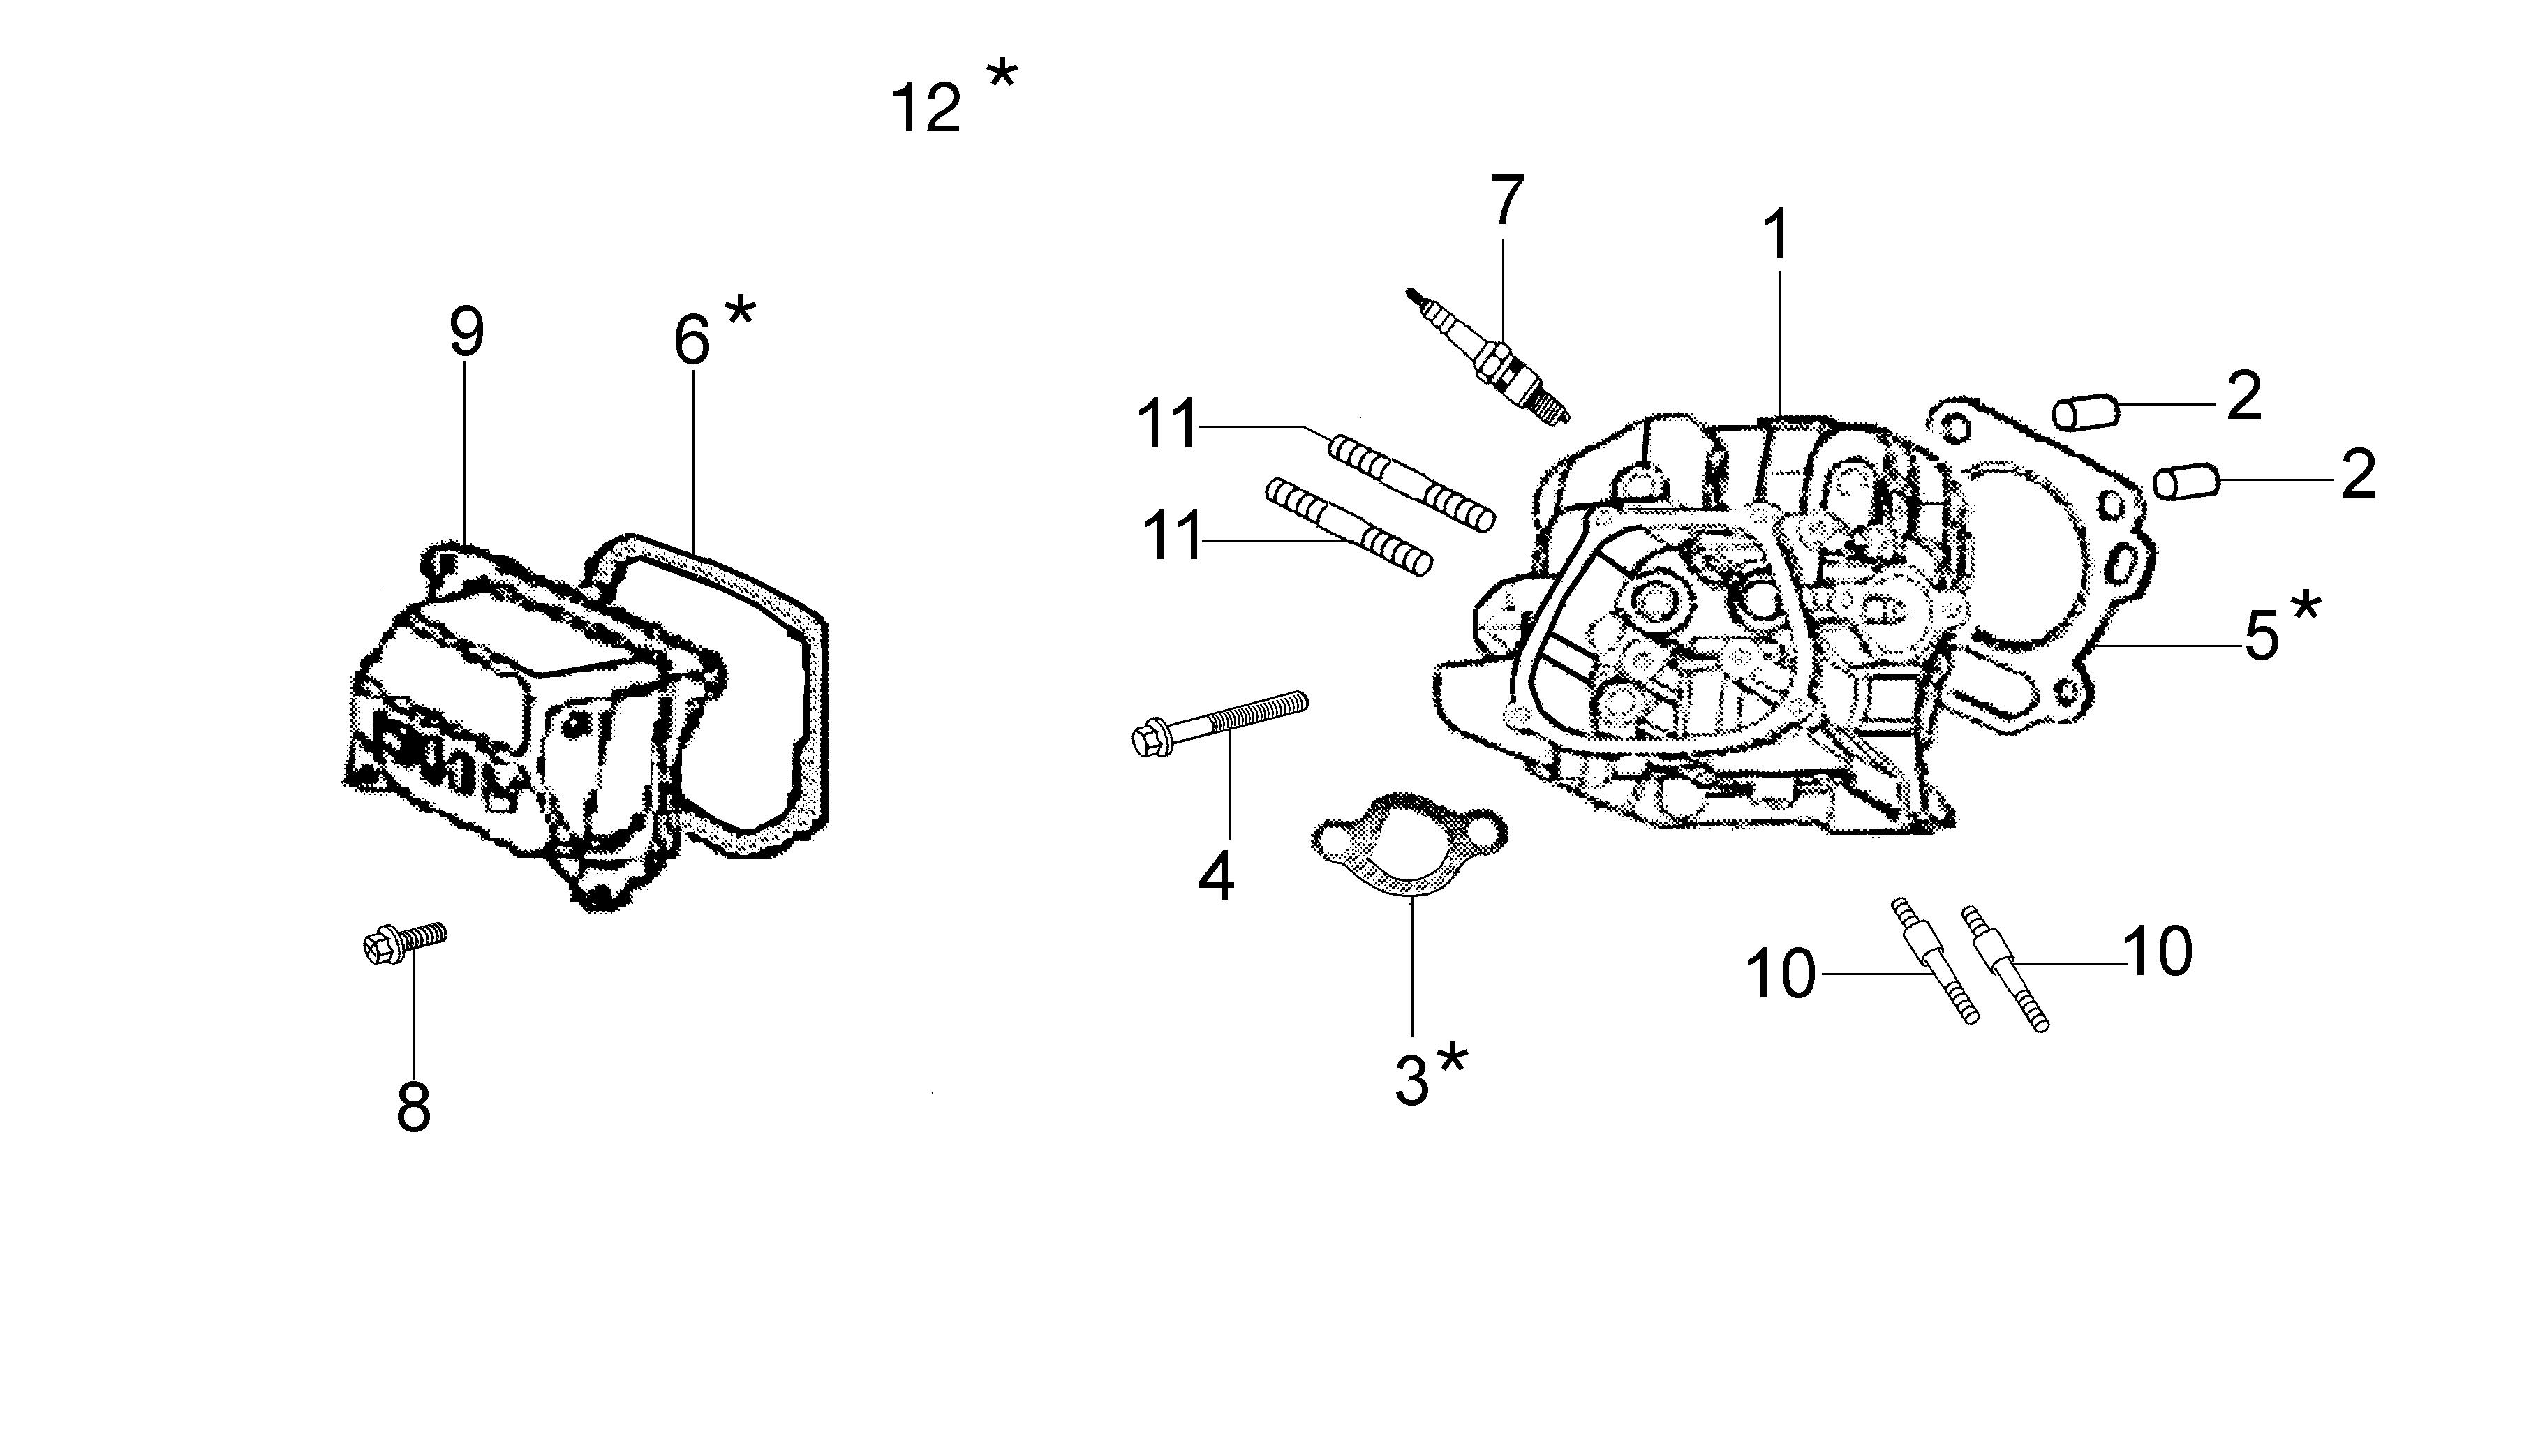 MH 180R - MH 180RK (K700 H) (EN709)Motobineuse oleomac Dessins pièces VUE éclatée Tête cylindre culasse